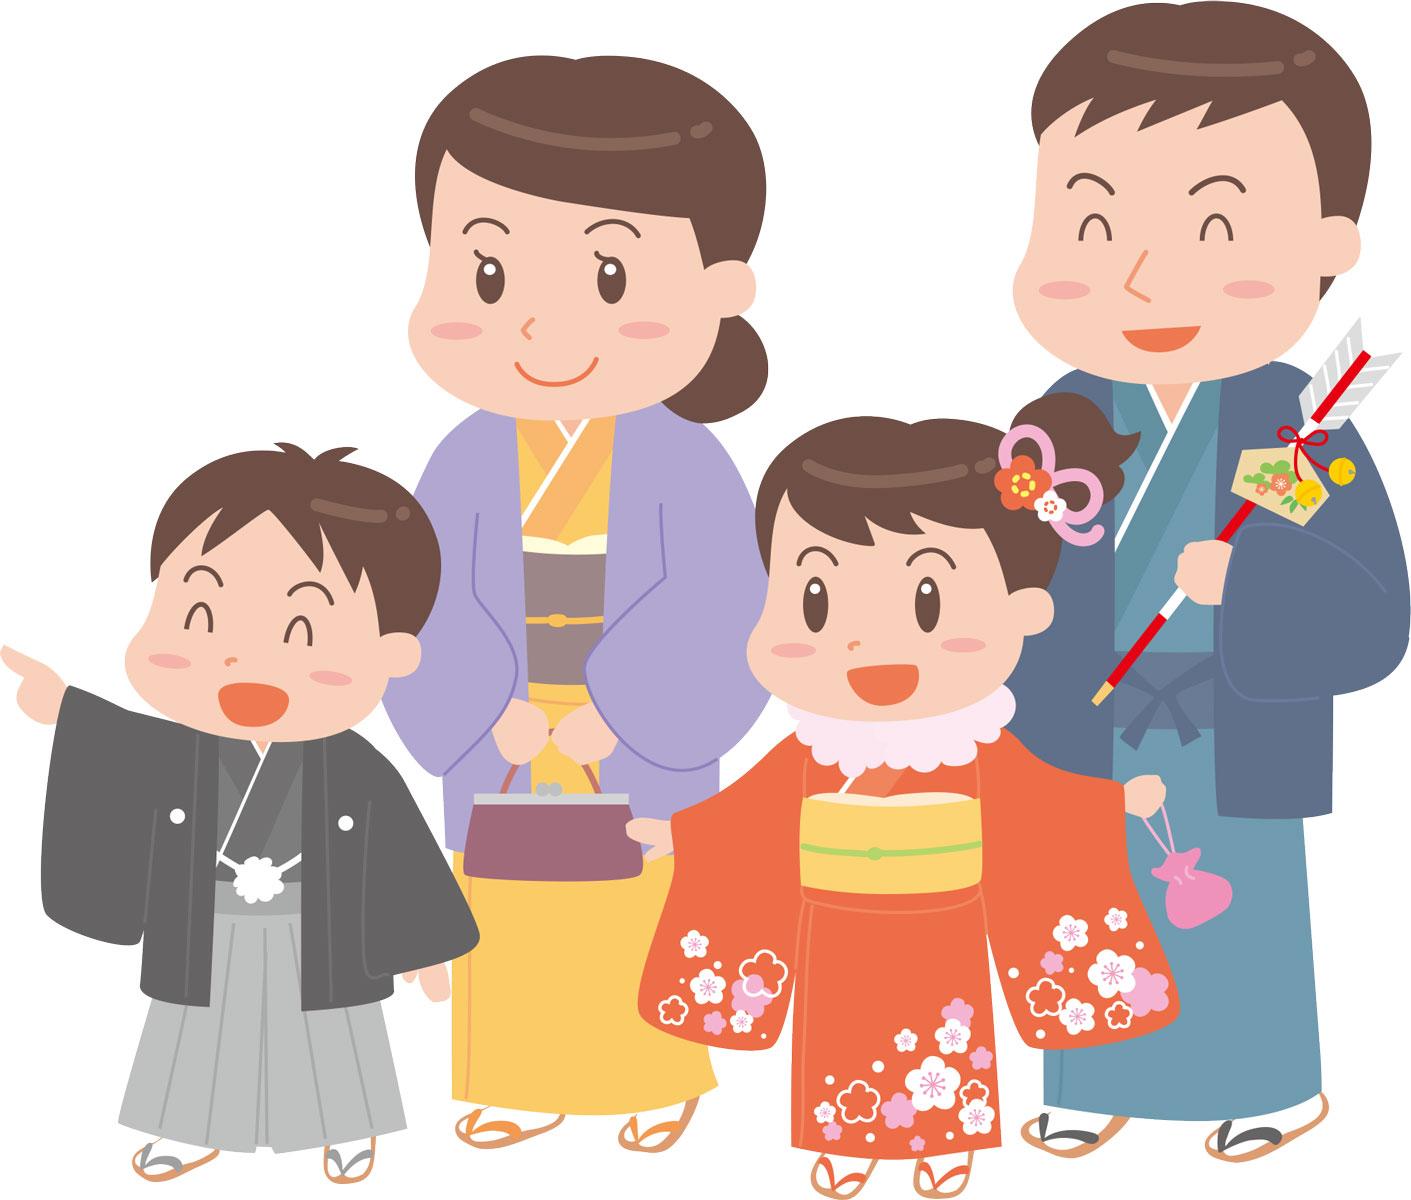 初詣 品川 品川区の初詣ならココ。おすすめの神社を一覧で紹介。